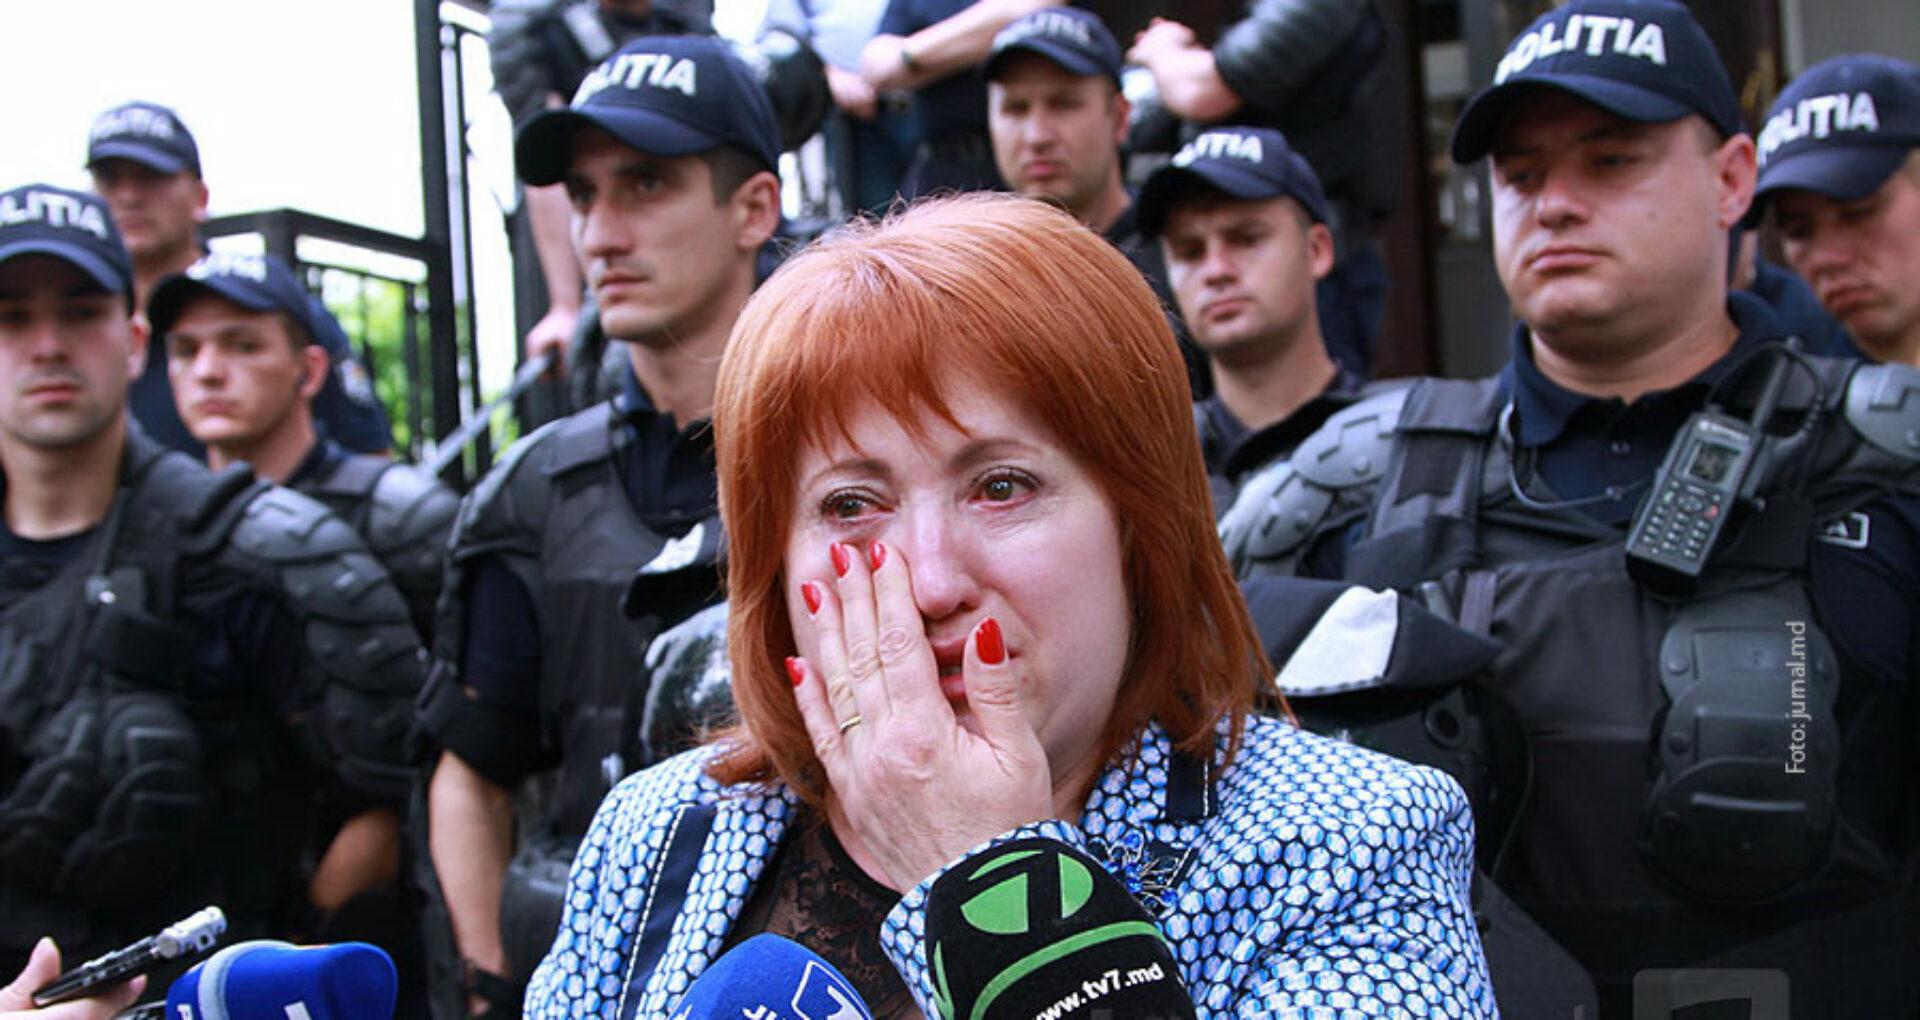 Cum justifică autorităţile dosarul penal pe numele magistratei Domnica Manole